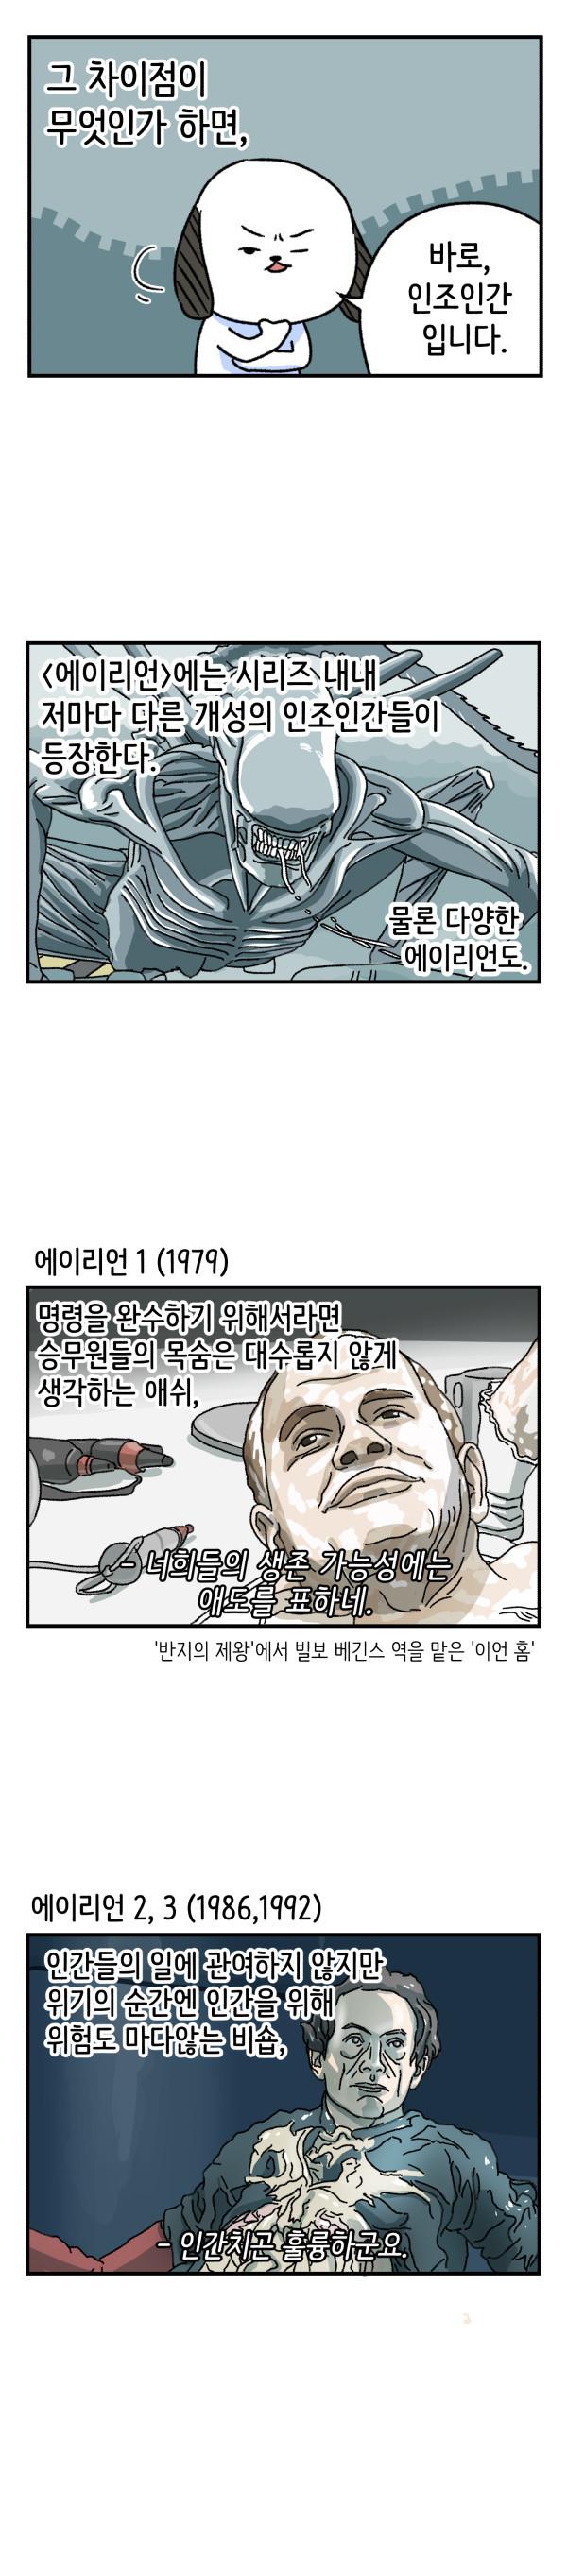 22_002.jpg